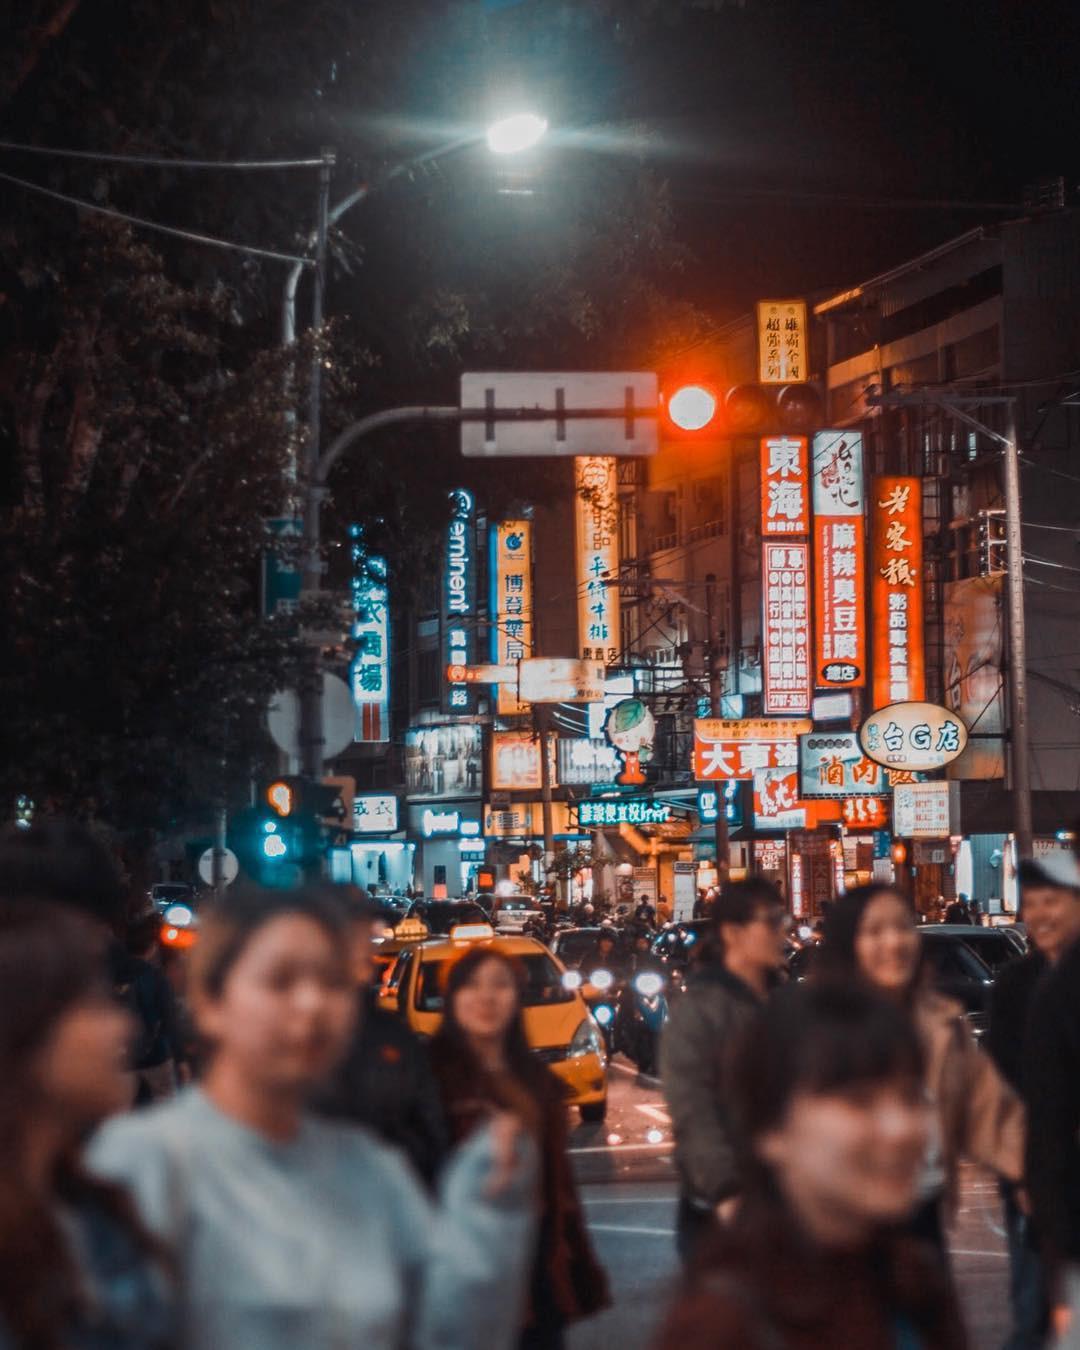 Ăn no căng bụng tại những khu chợ đêm sầm uất nhất Đài Loan - Ảnh 22.